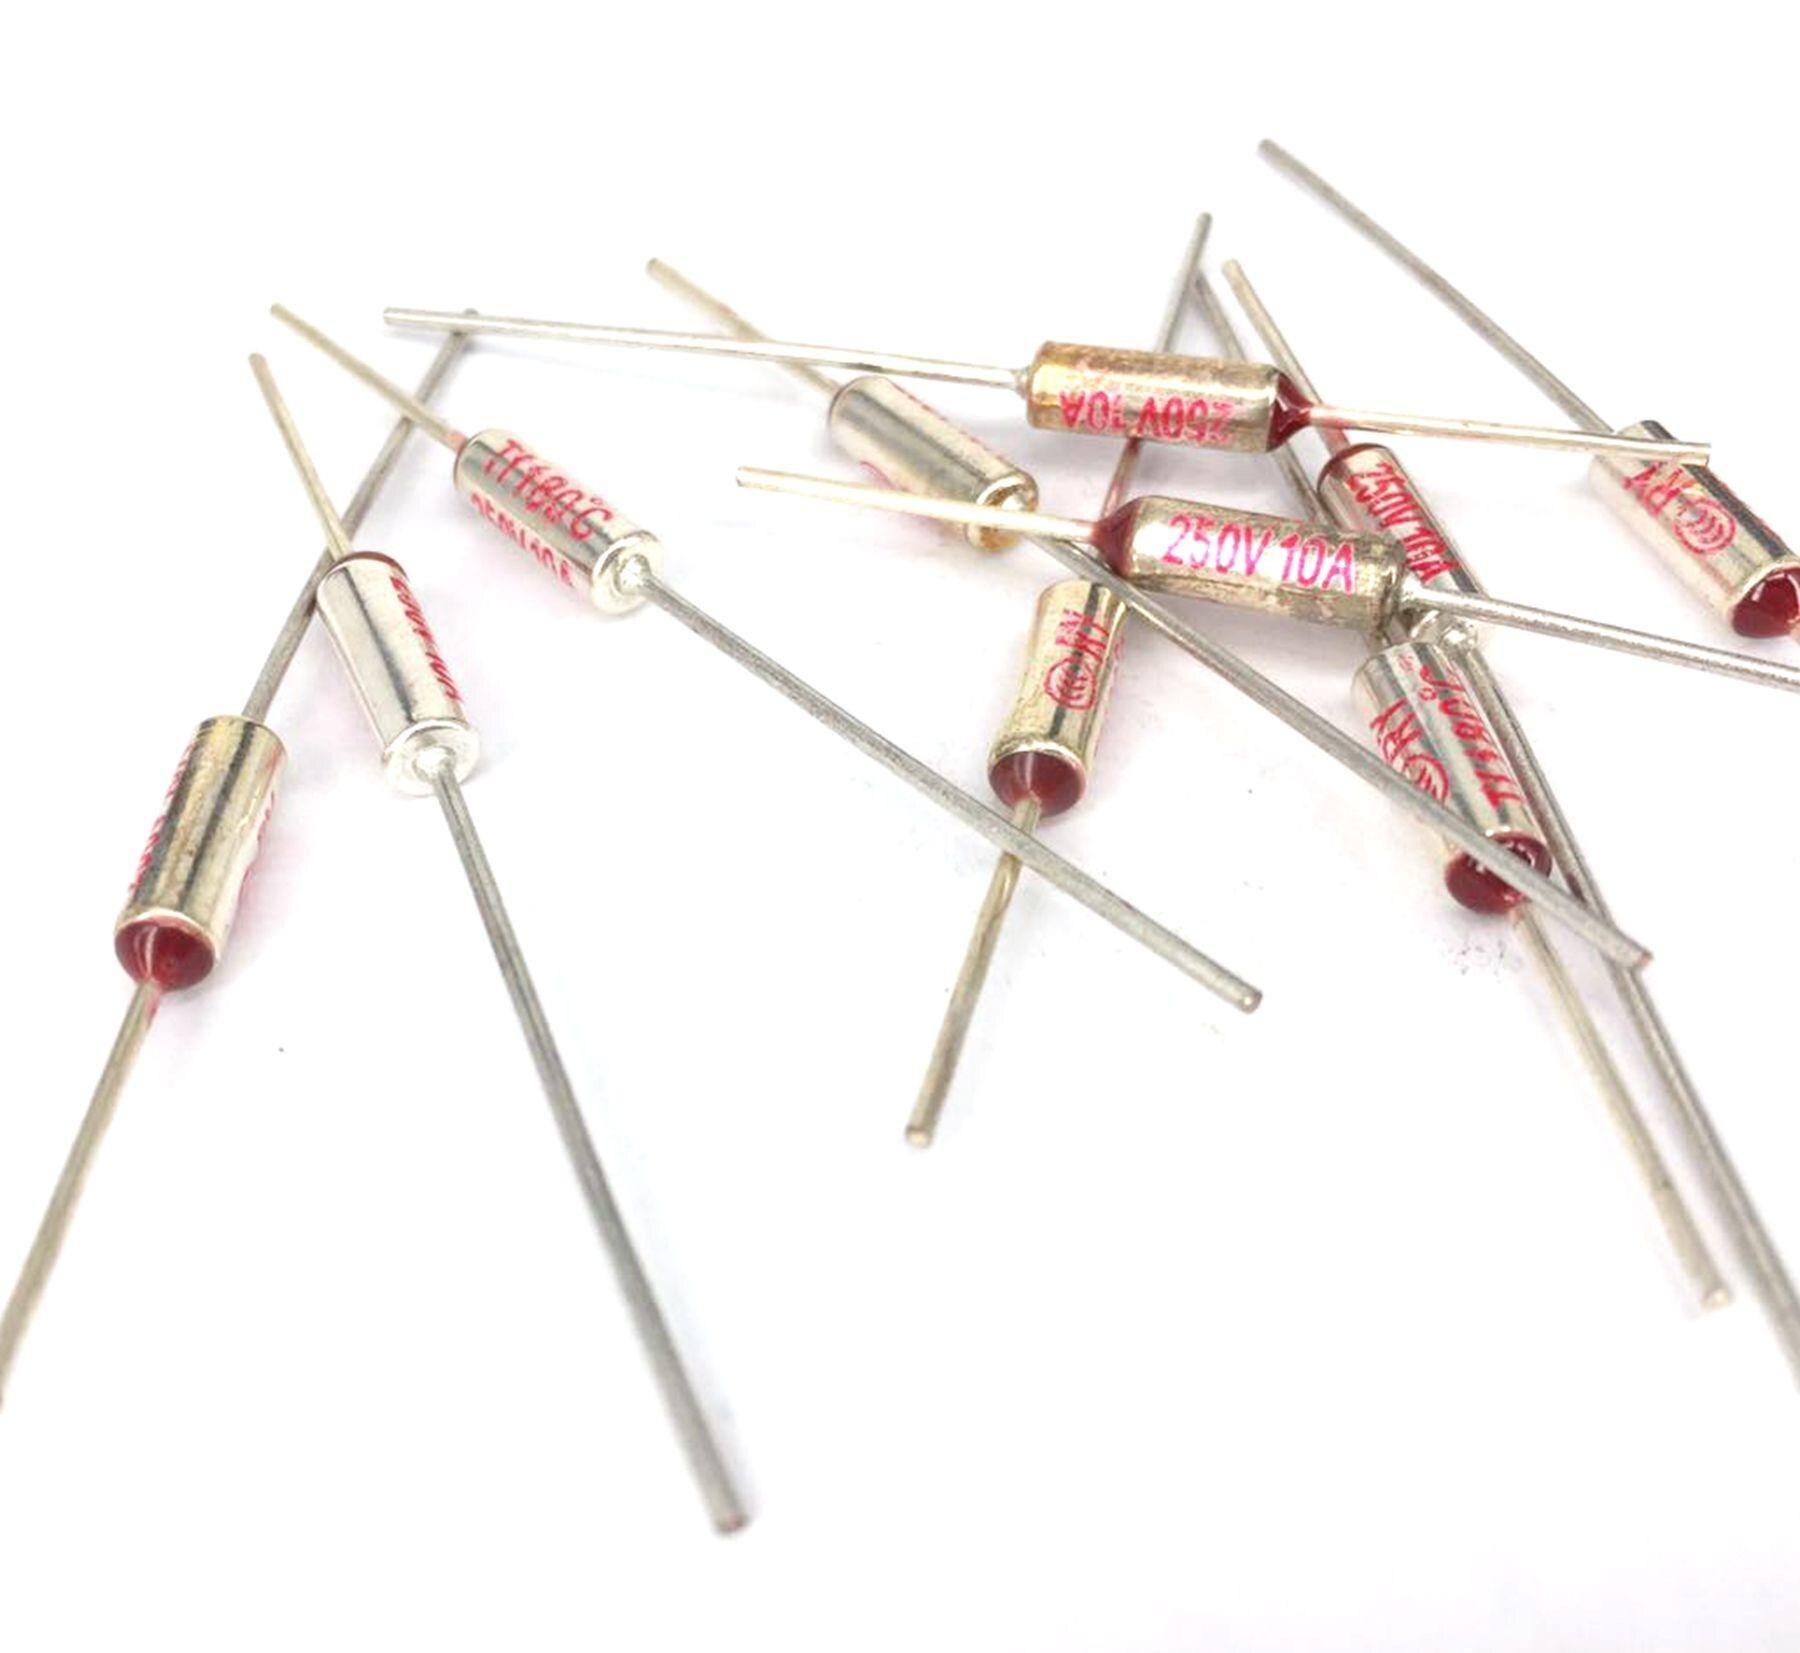 3.9MEG Ohm 1//4 Watt Carbon Film Resistor 5 Pieces Prime Parts US Seller Free S/&H